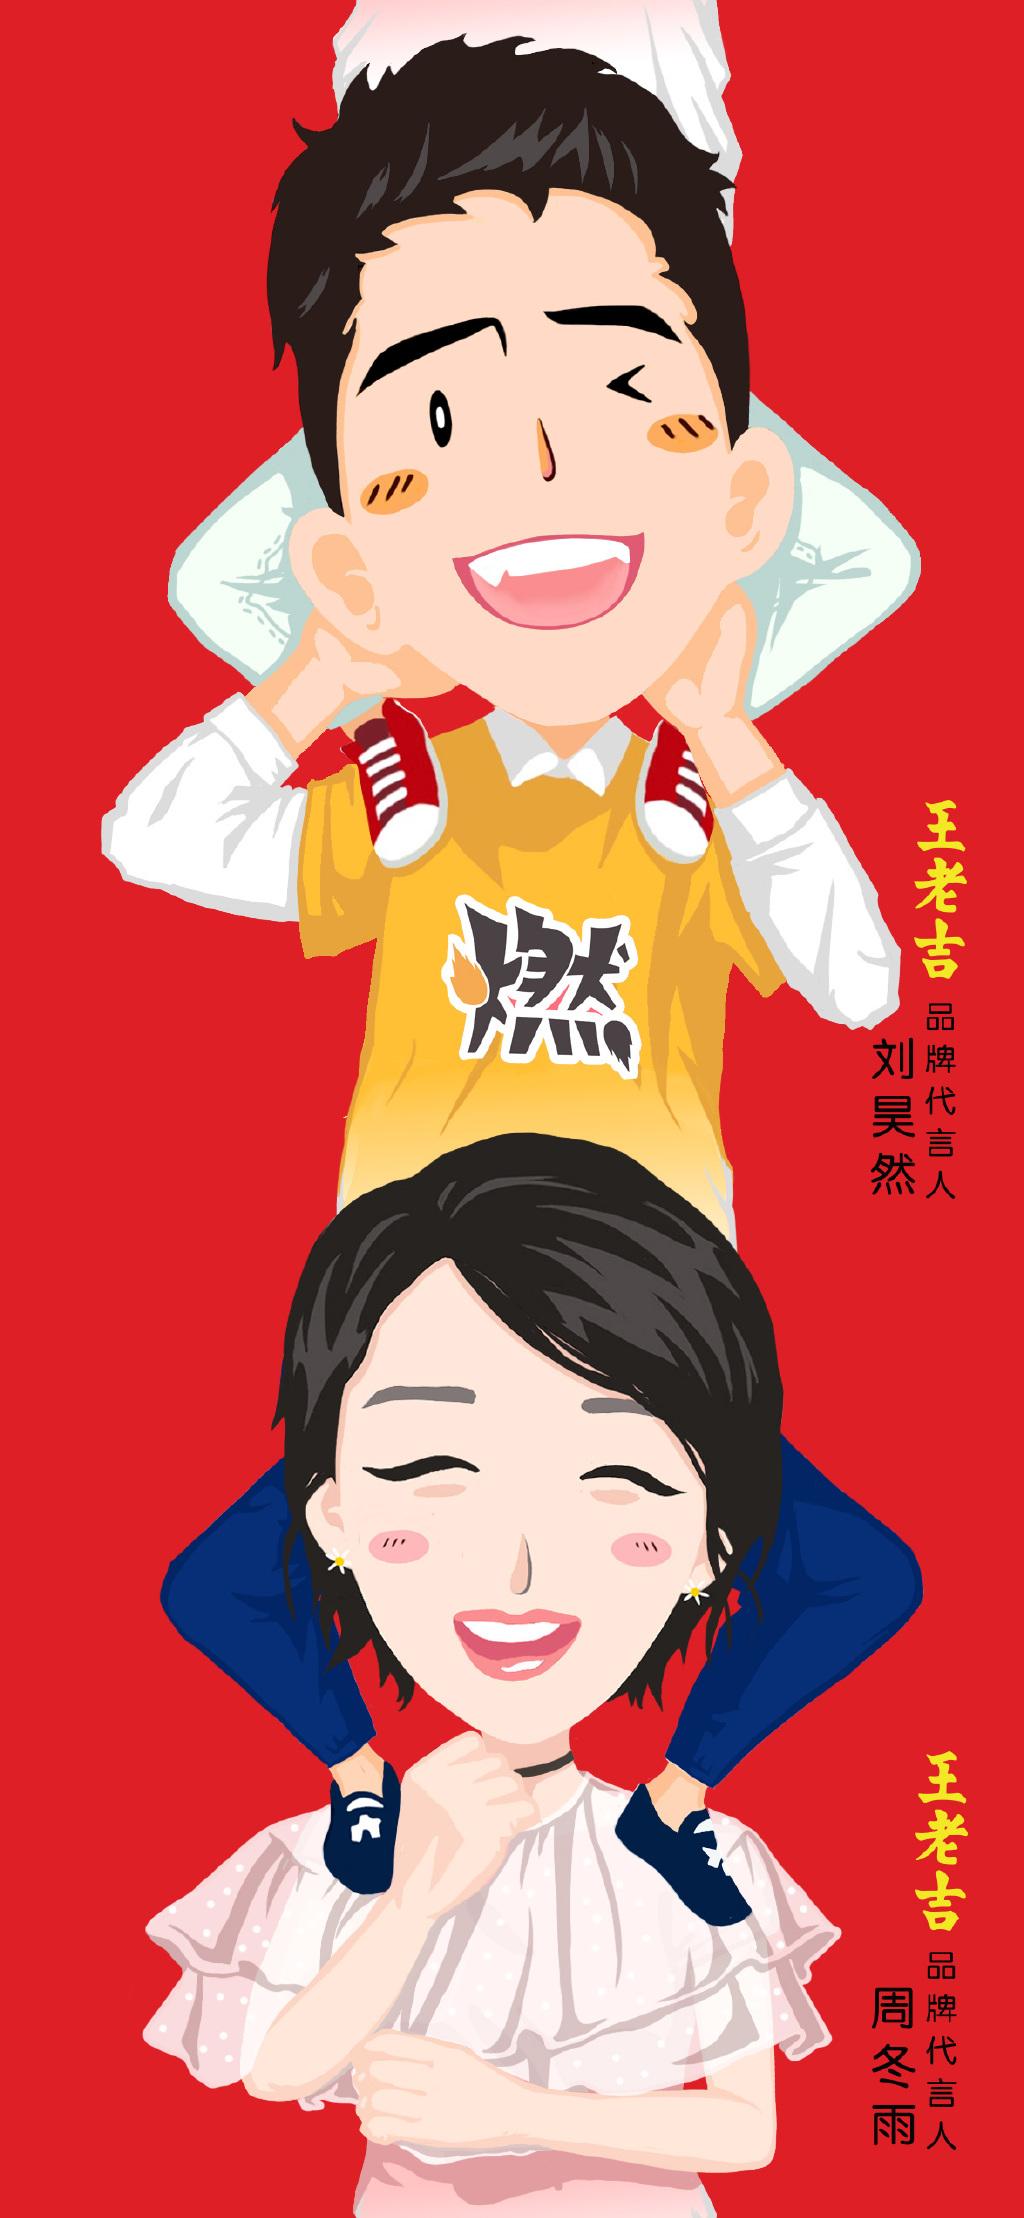 背面是大胆采用q版的刘昊然和周冬雨布满包装, 用q版人物形象去展现图片